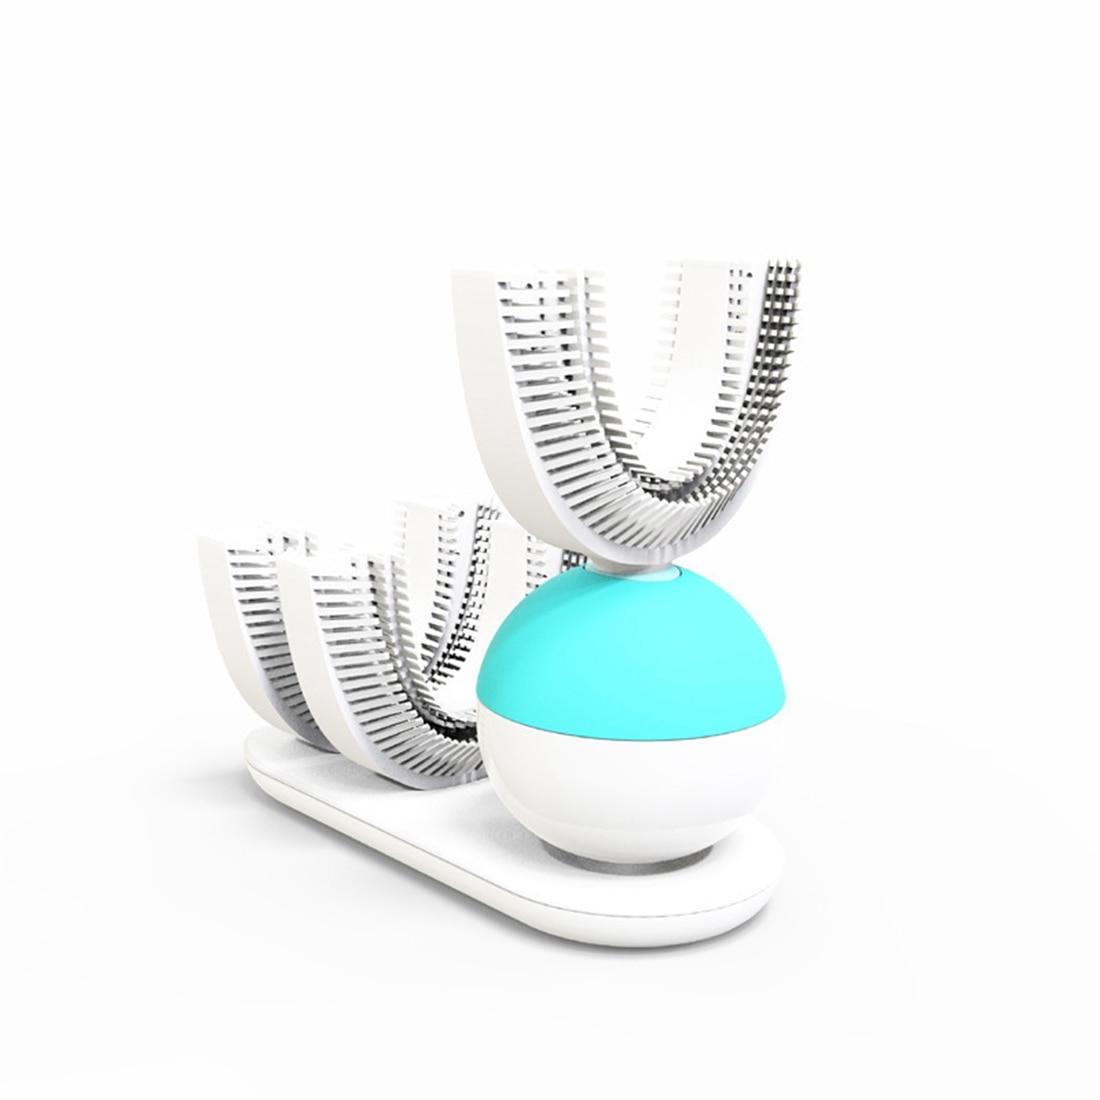 2019 360 degrés automatique brosse à dents intelligente emballé brosse à dents paresseux électrique rapide nettoyage sonique blanchiment rechargeable